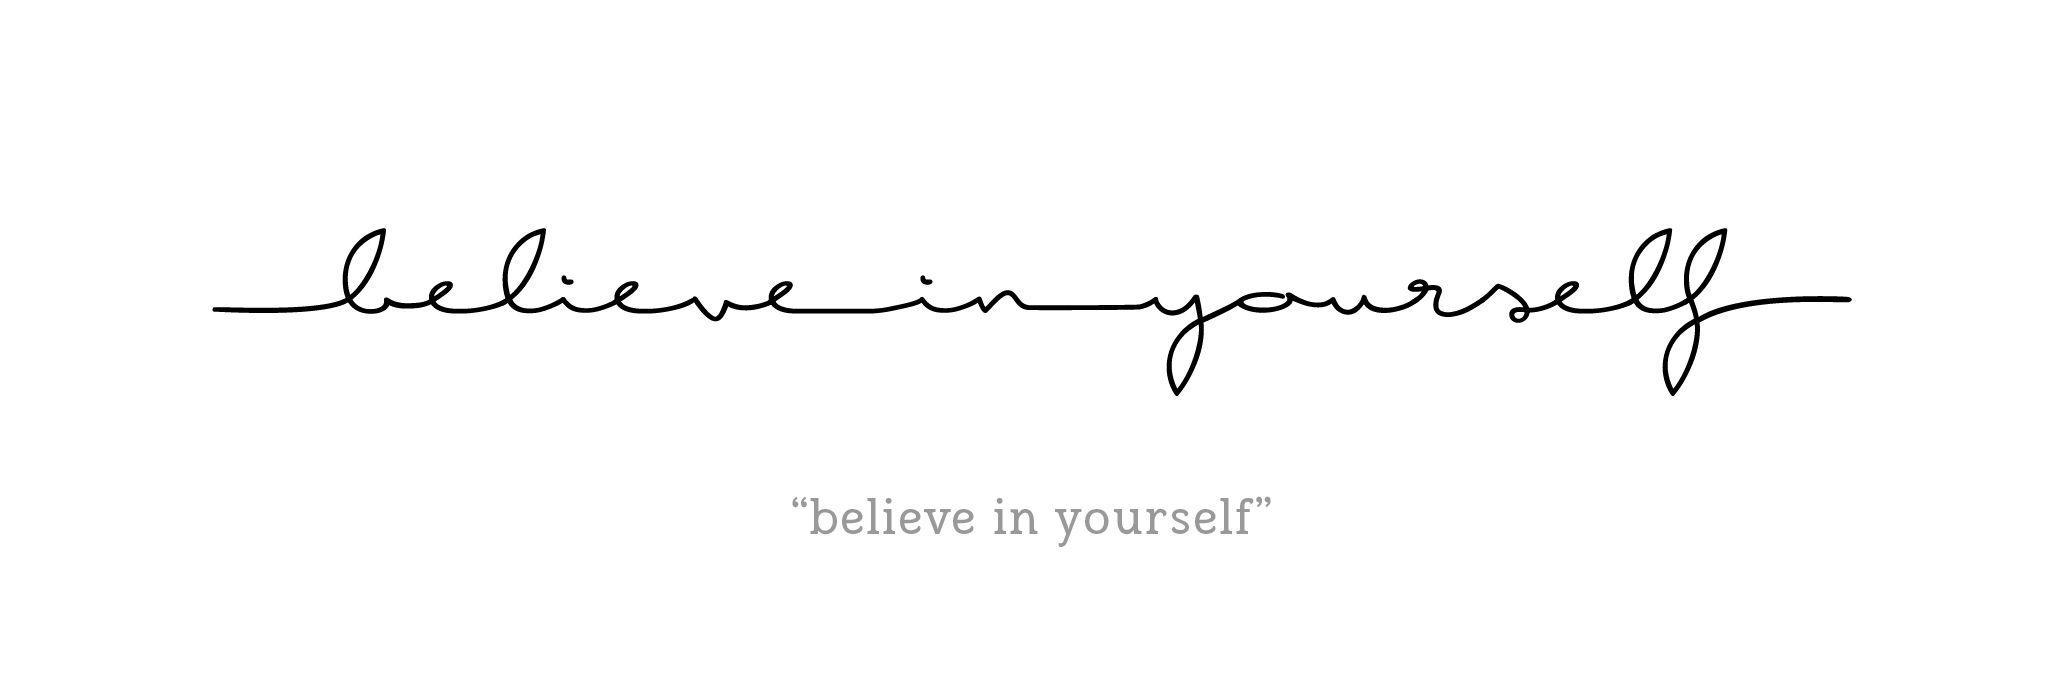 Cursive tattoo design - Believe in Yourself - English - Rib tattoo, Ribcage tattoo, foot tattoo, forearm tattoo.